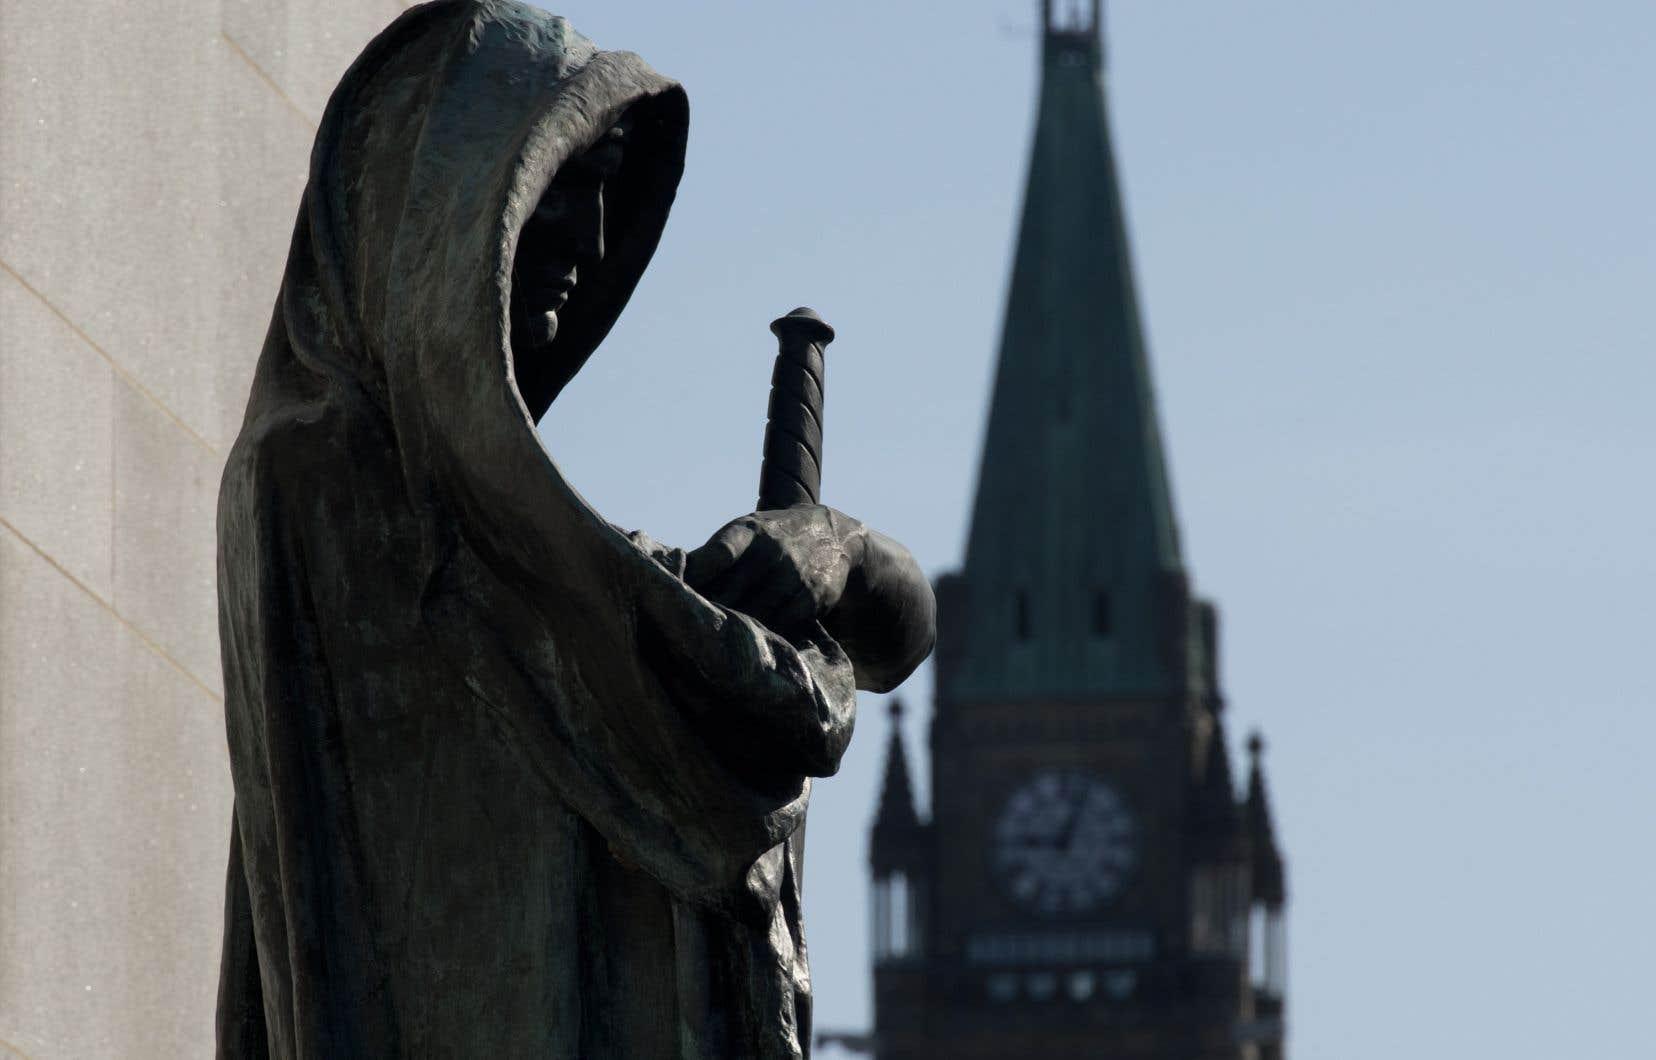 Vue sur la statue Veritas à l'entrée de la Cour suprême du Canada, alors que la tour de la paix apparaît à l'arrière-plan.